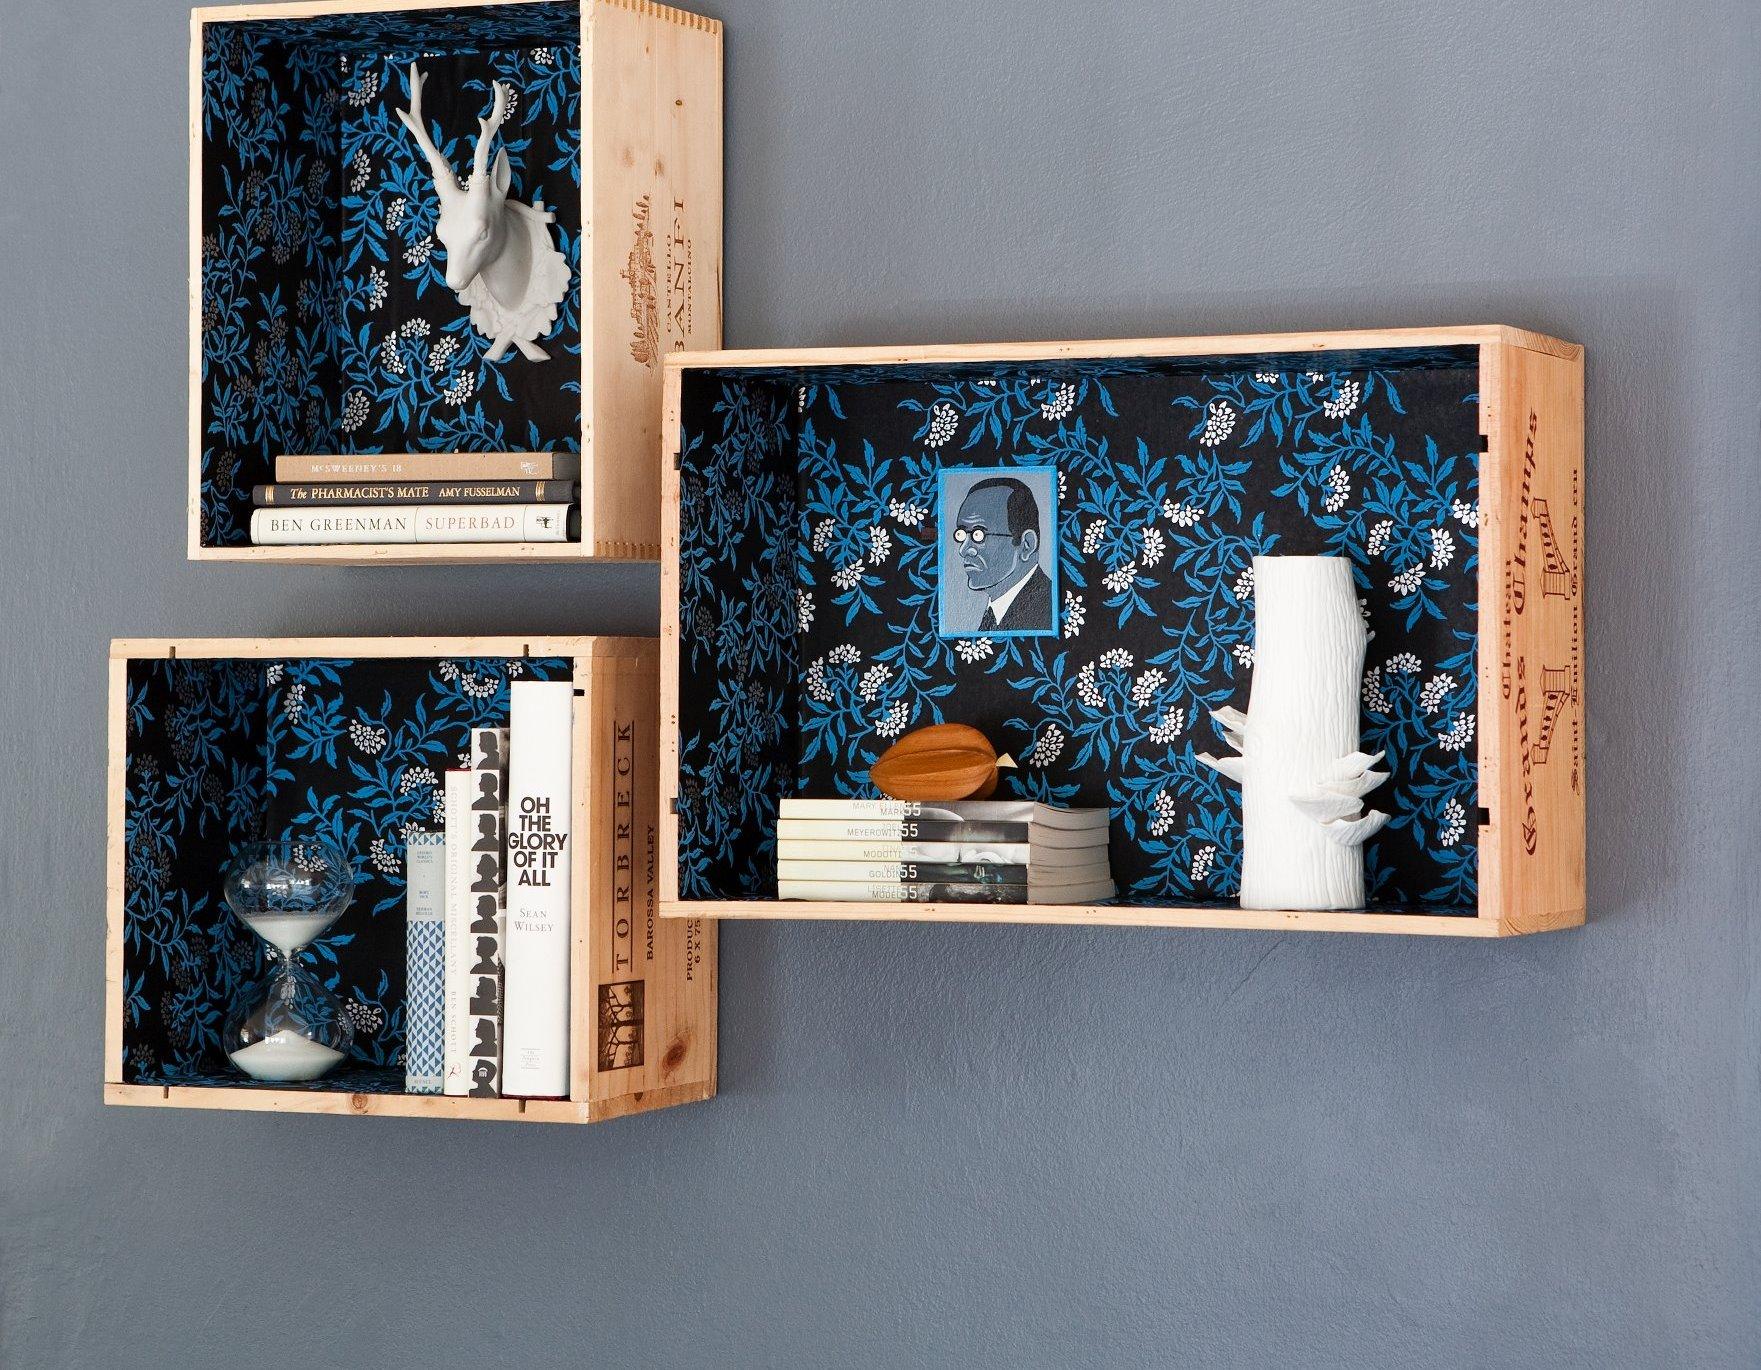 Что можно сделать из остатков ламината (48 фото):изготовление столешницы и полок своими руками, различные поделки и откосы на окна